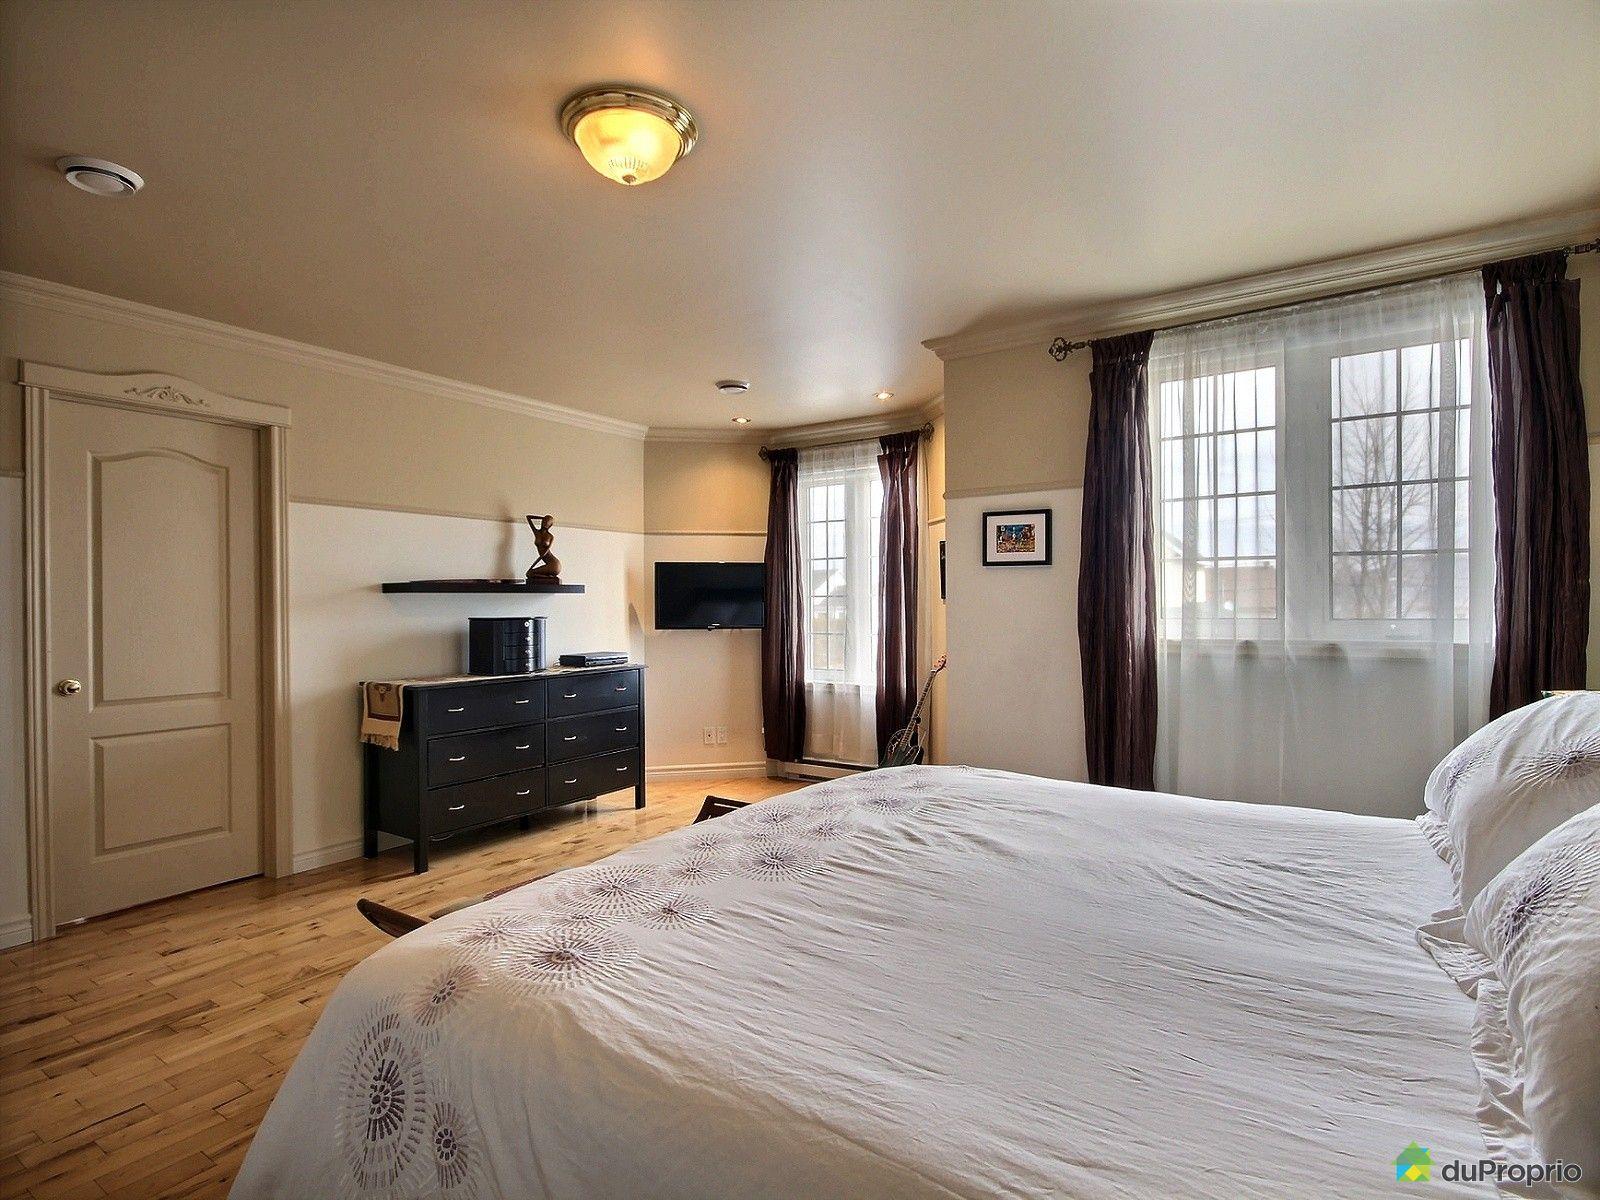 Maison vendre st eustache 437 rue des cam lias for Chambre de commerce st eustache